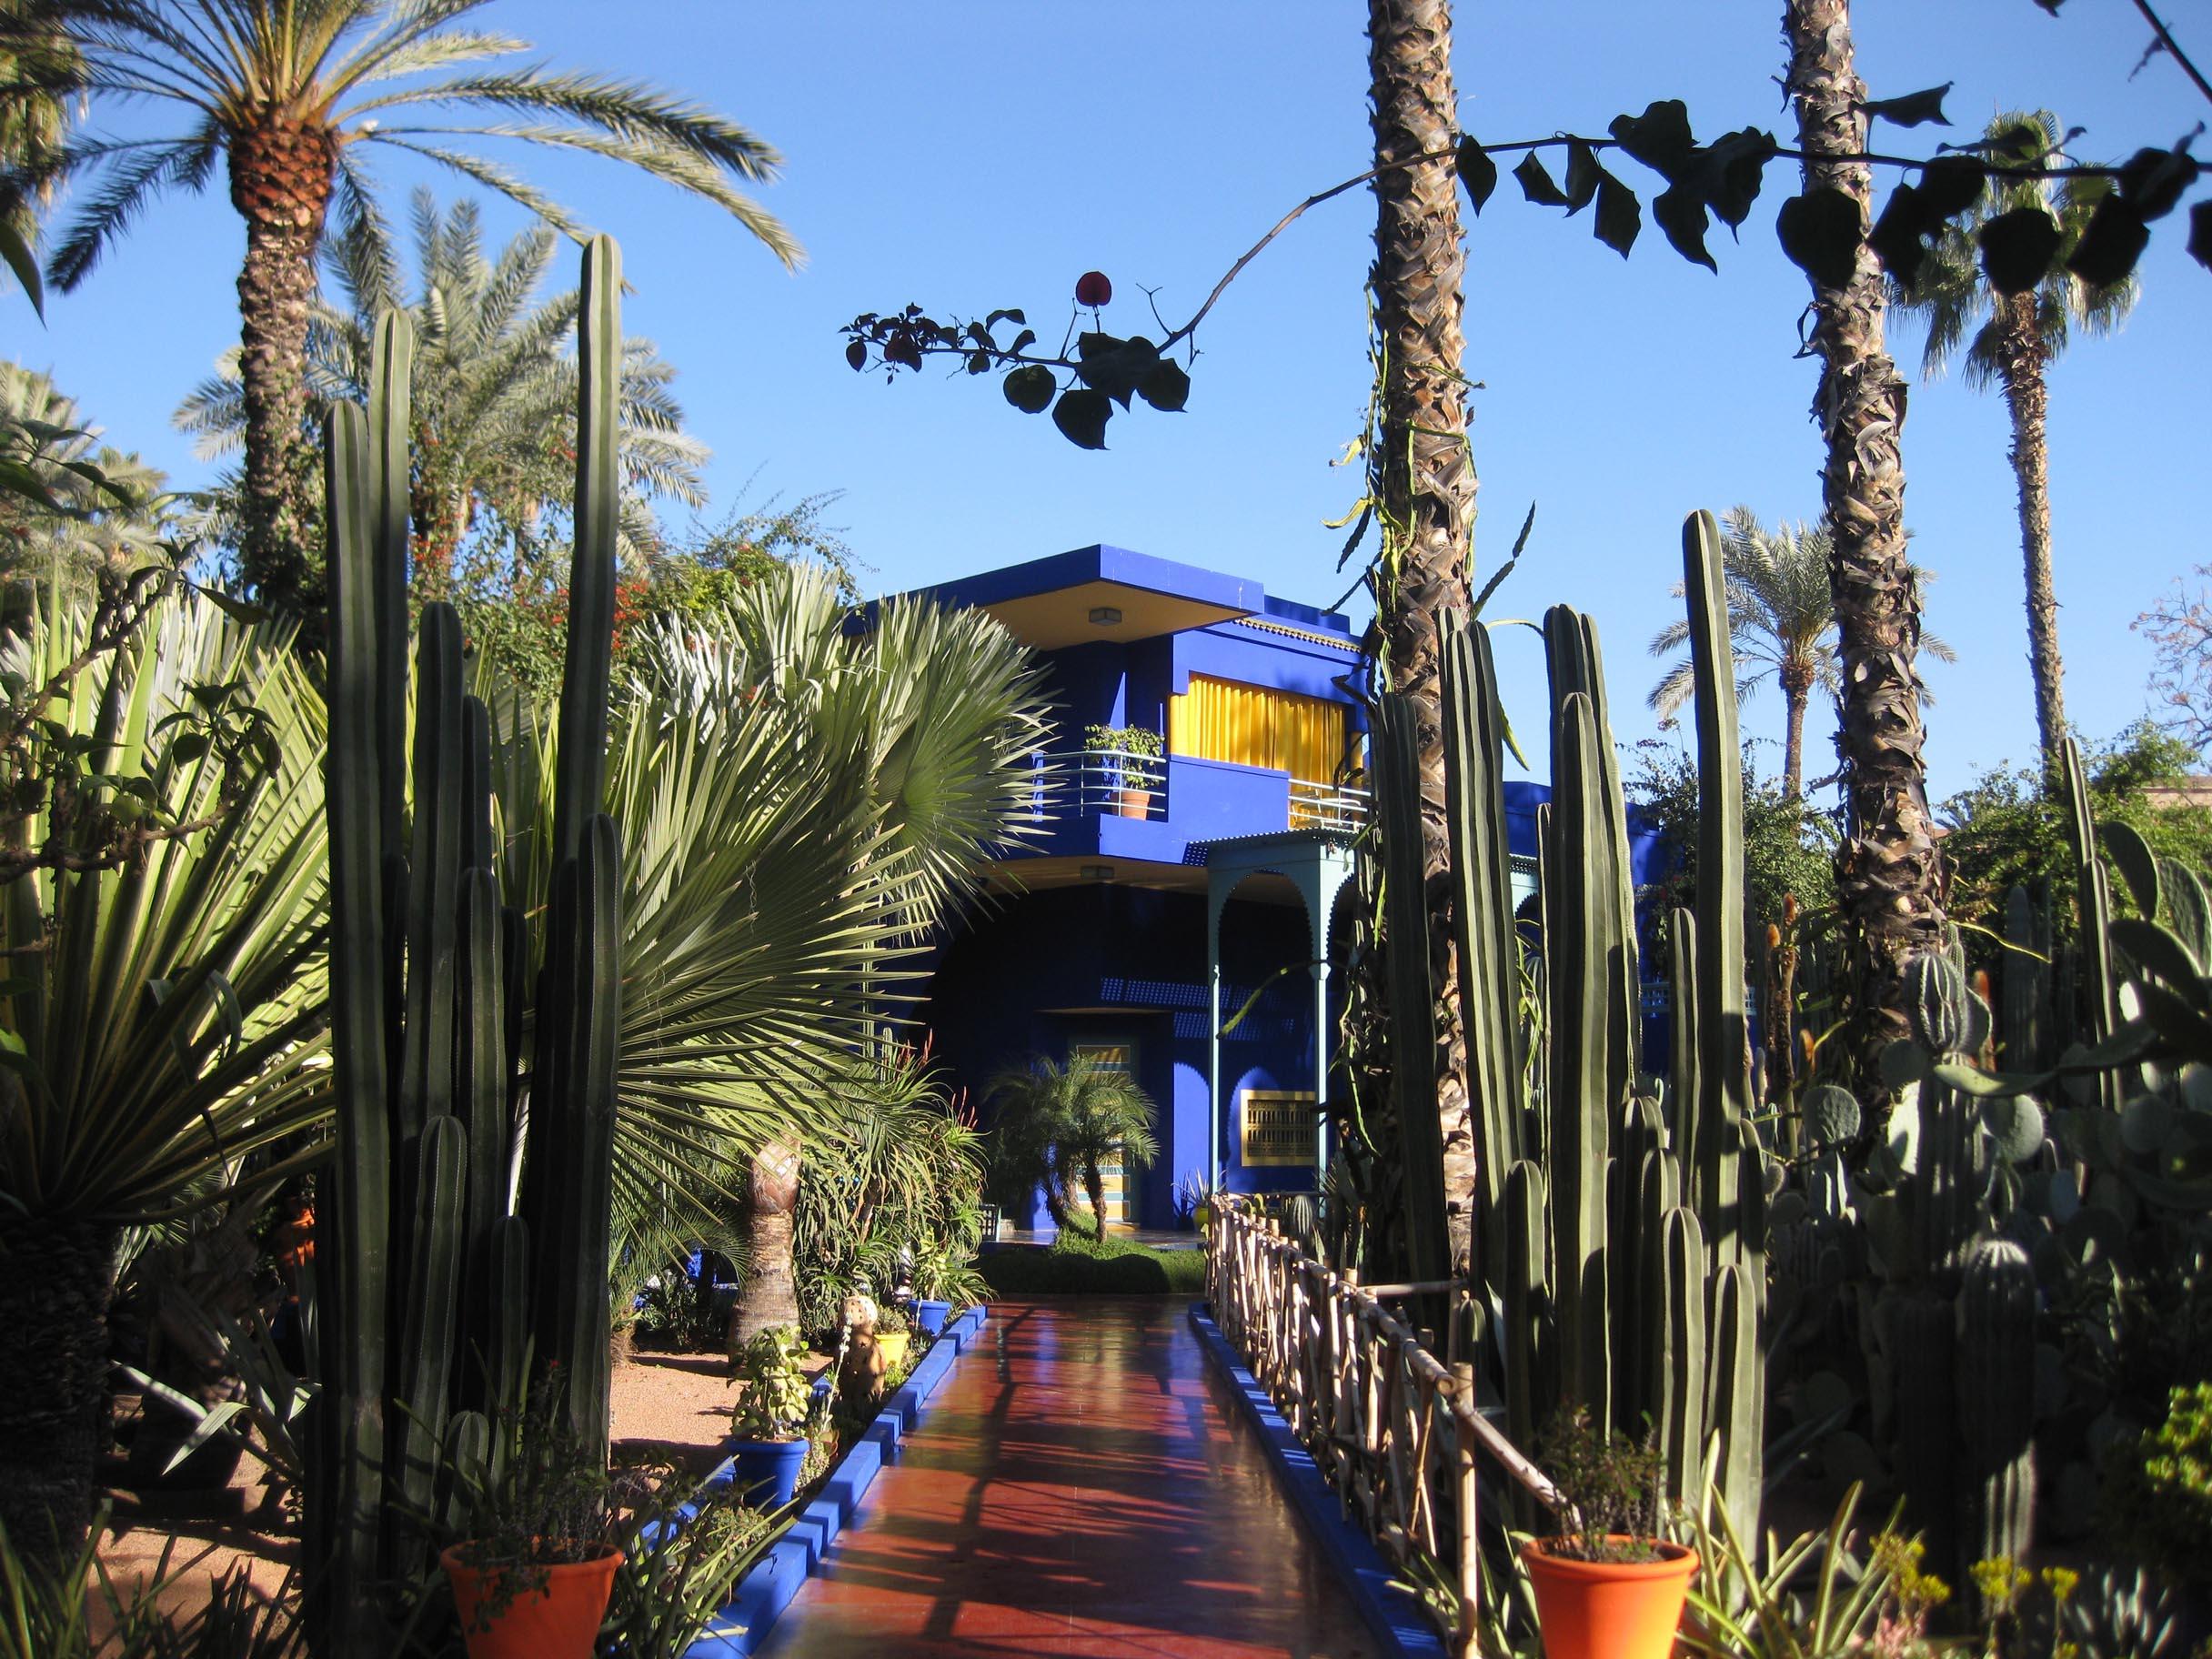 Marokko reisezeit - Yves saint laurent jardin majorelle ...